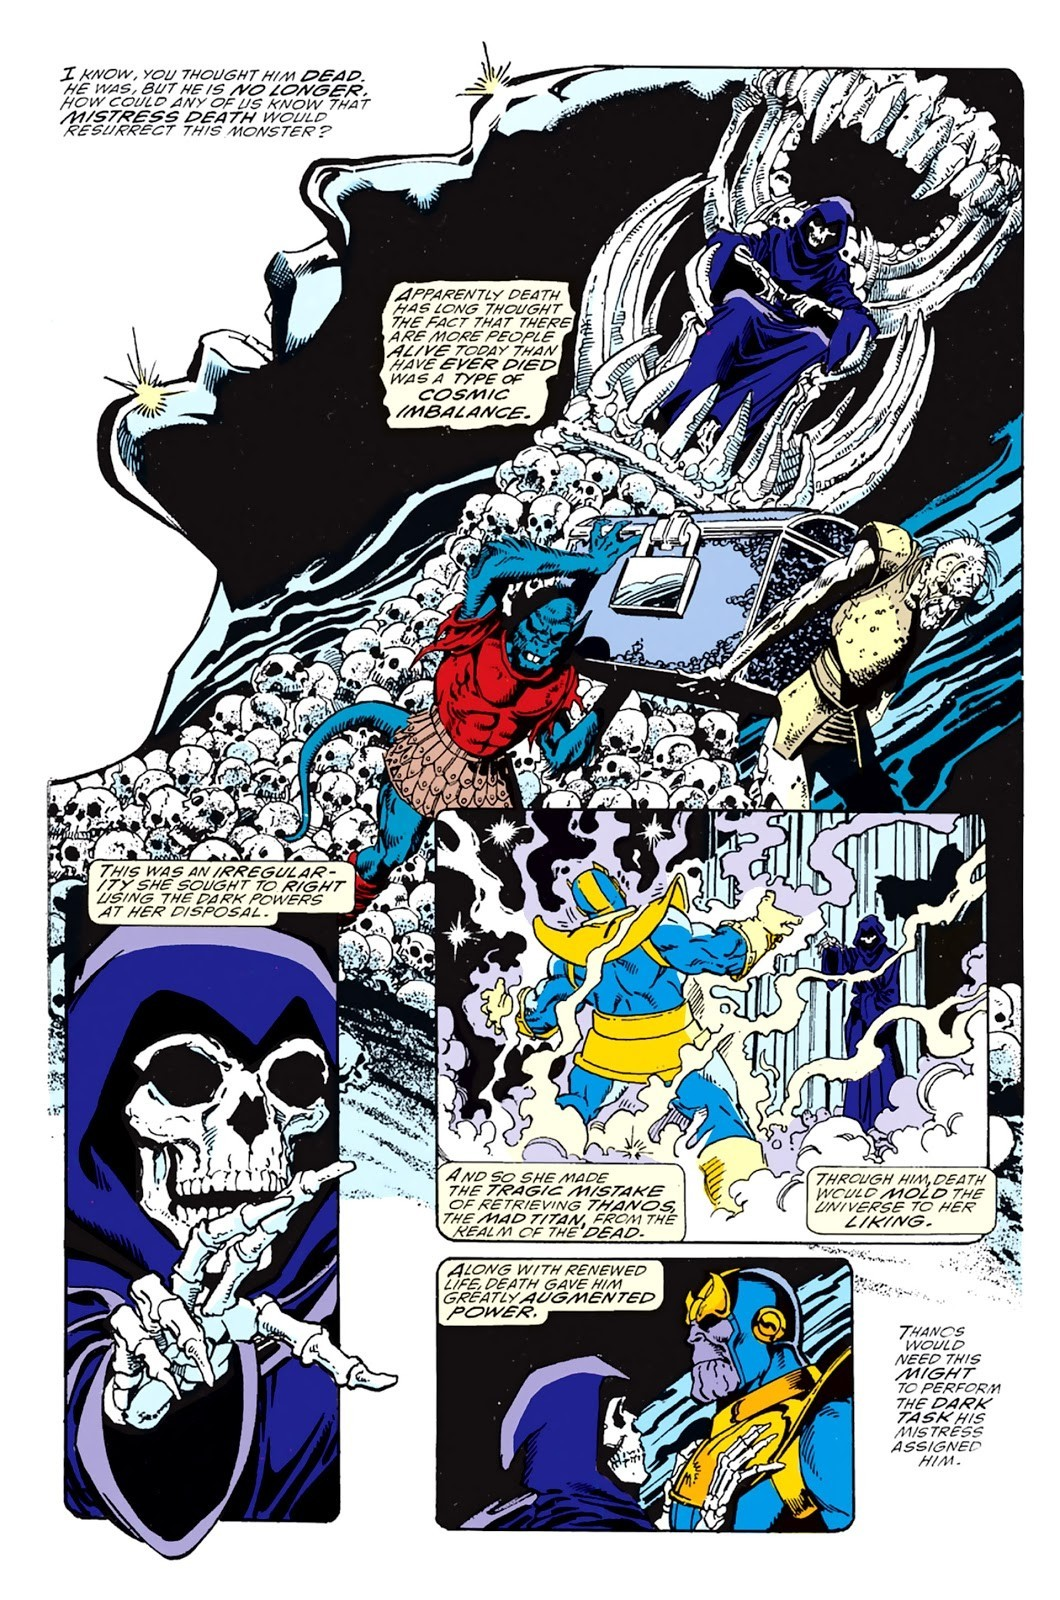 Thanos, Death, Infinity Gauntlet Pt. 1